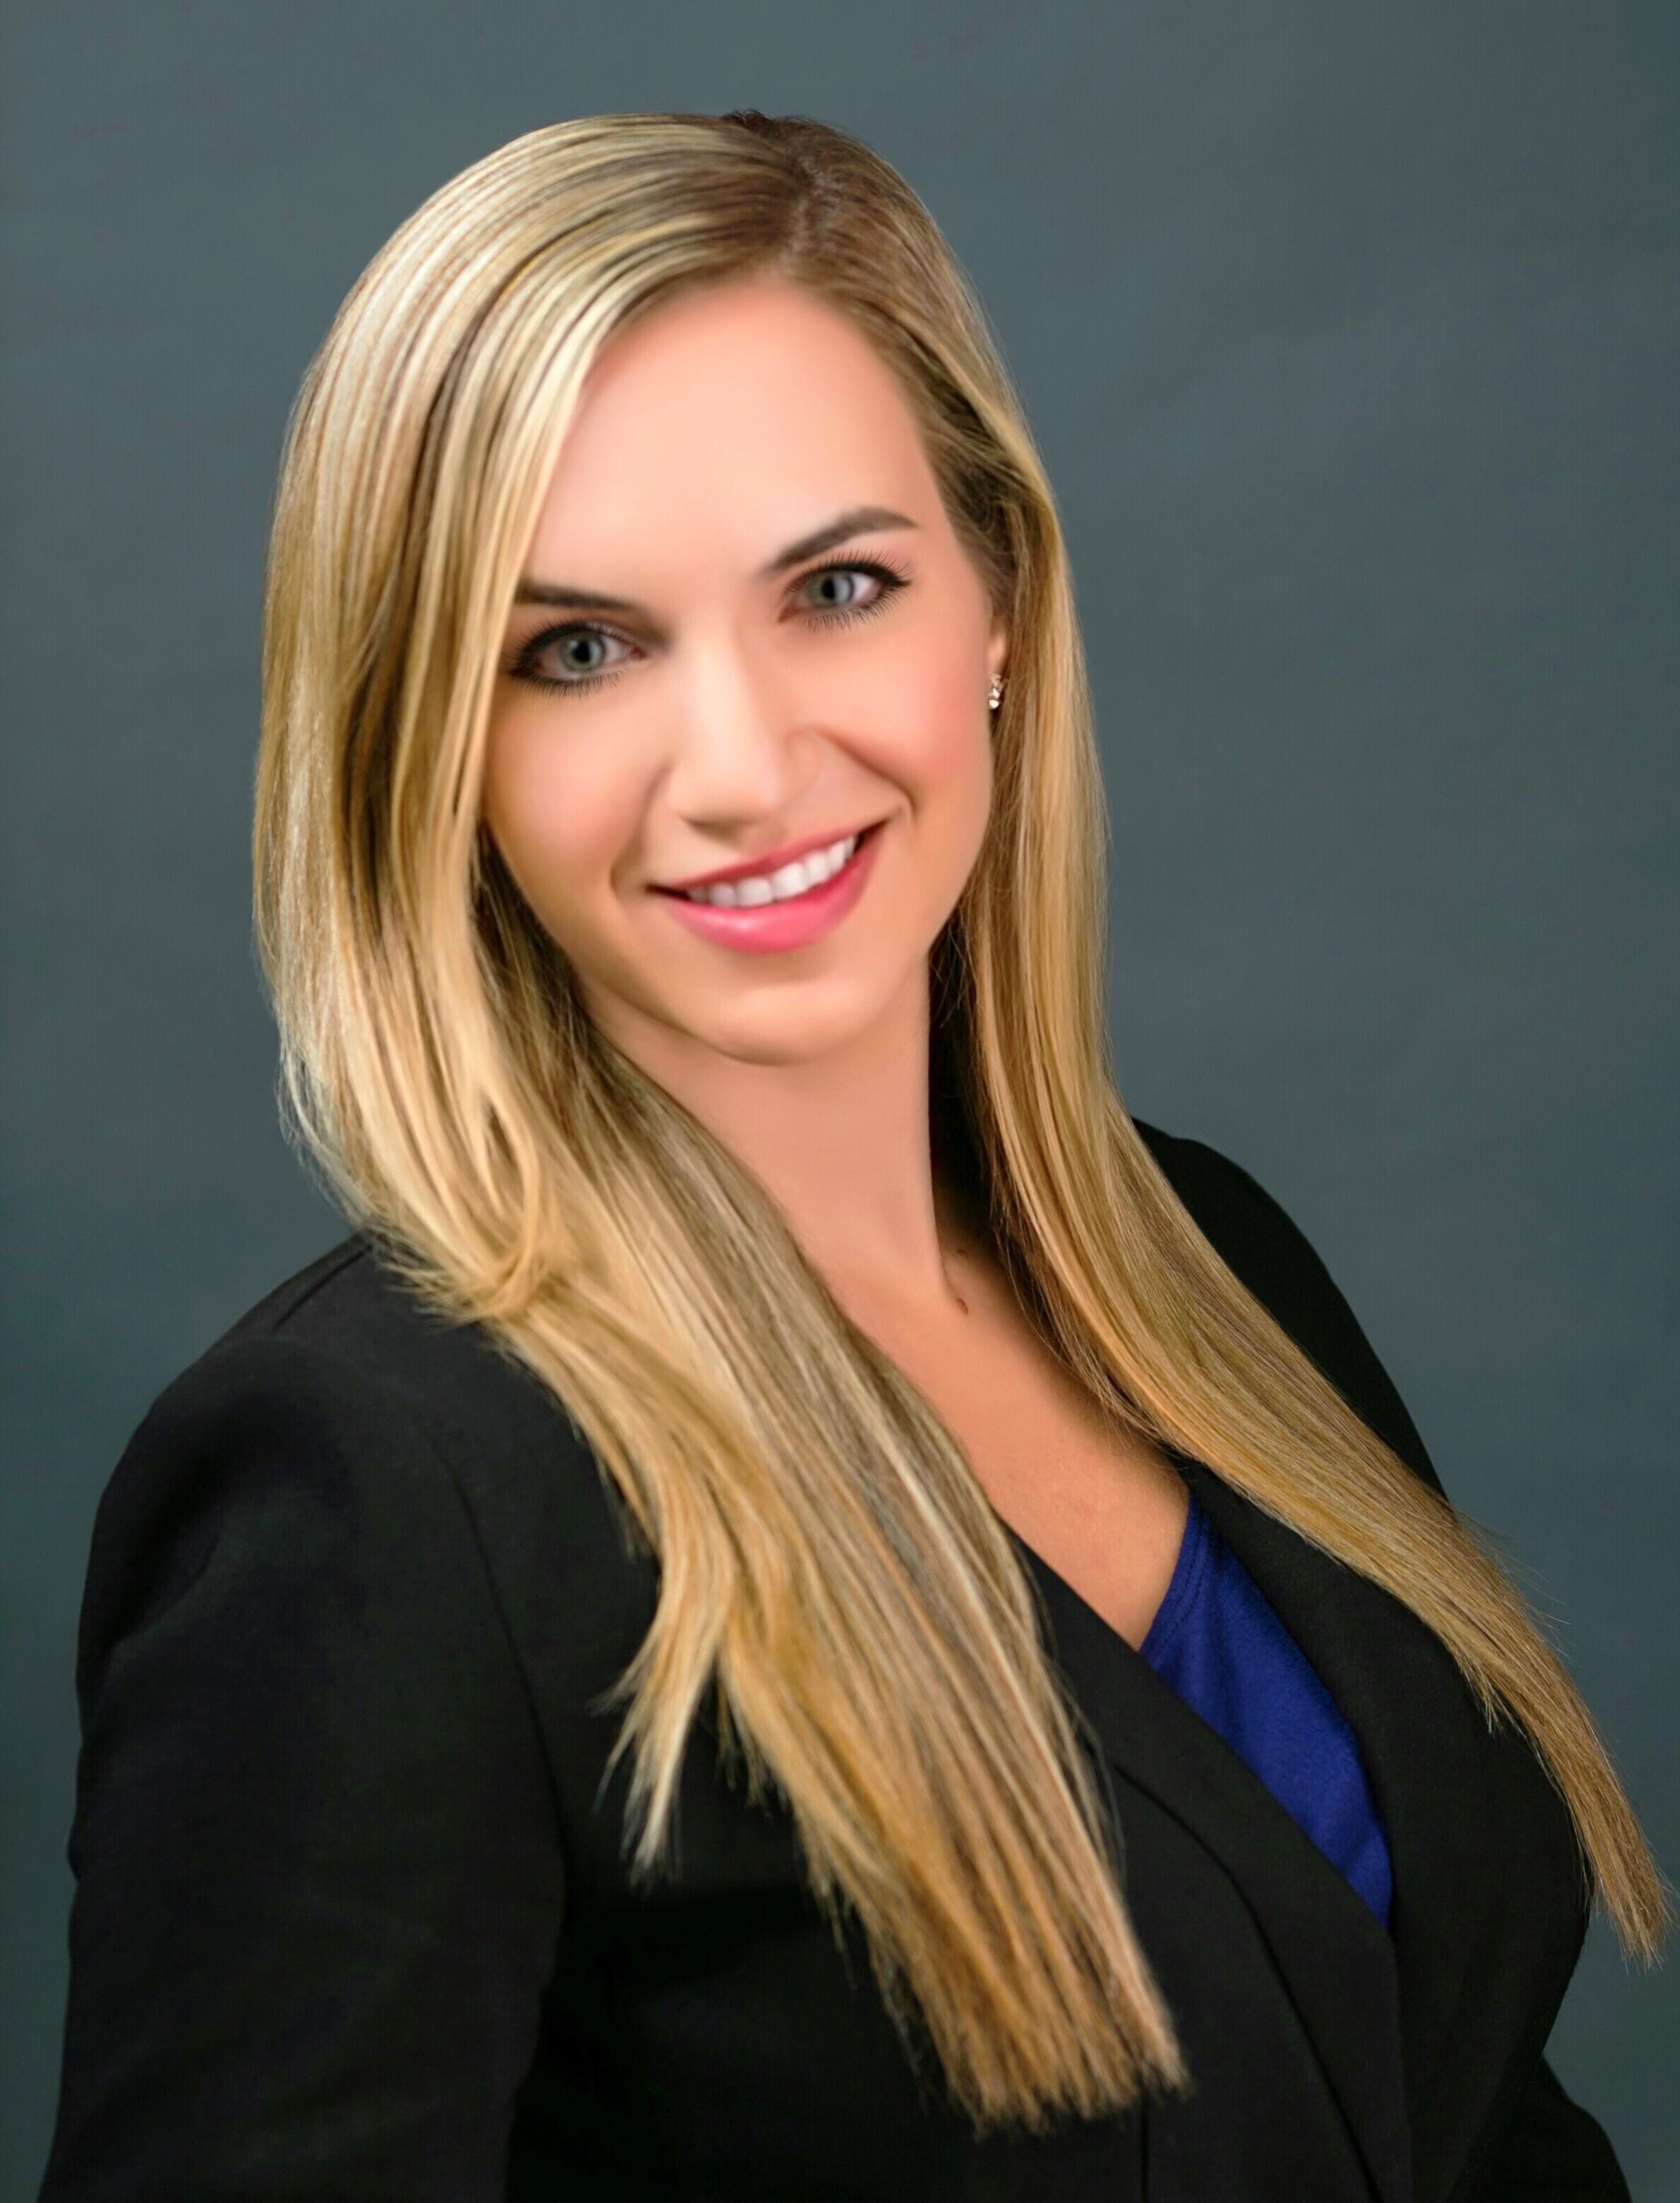 Tiffany Young Yannelli